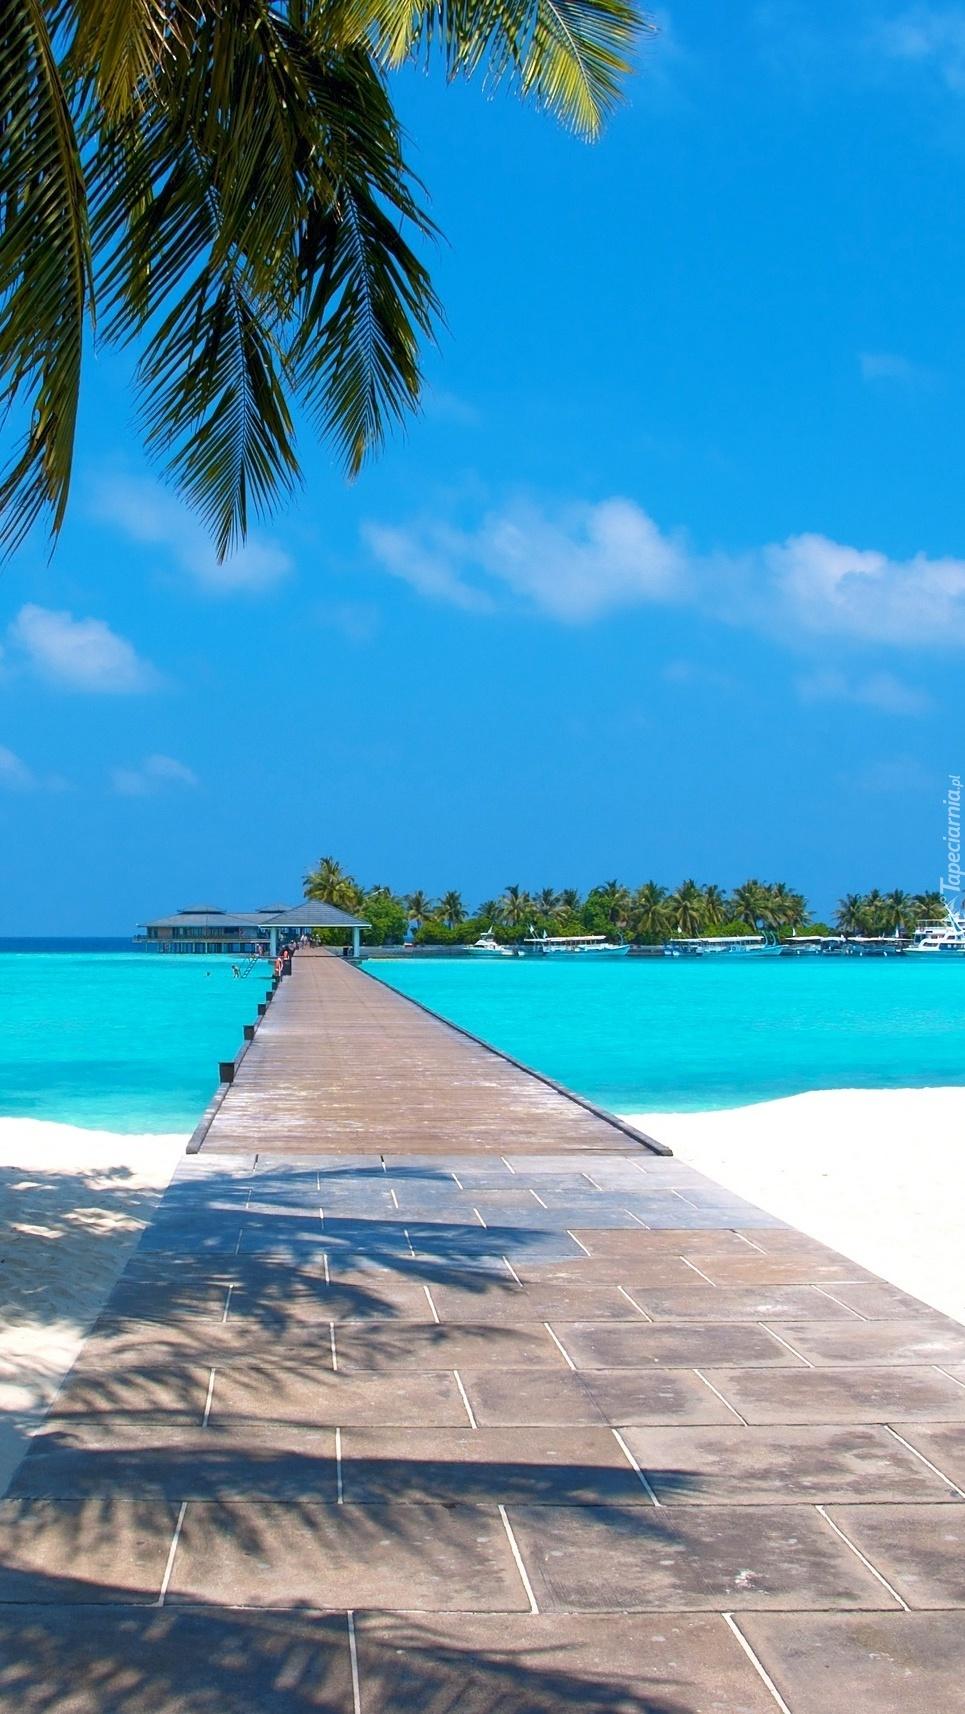 Plaża pod palmami